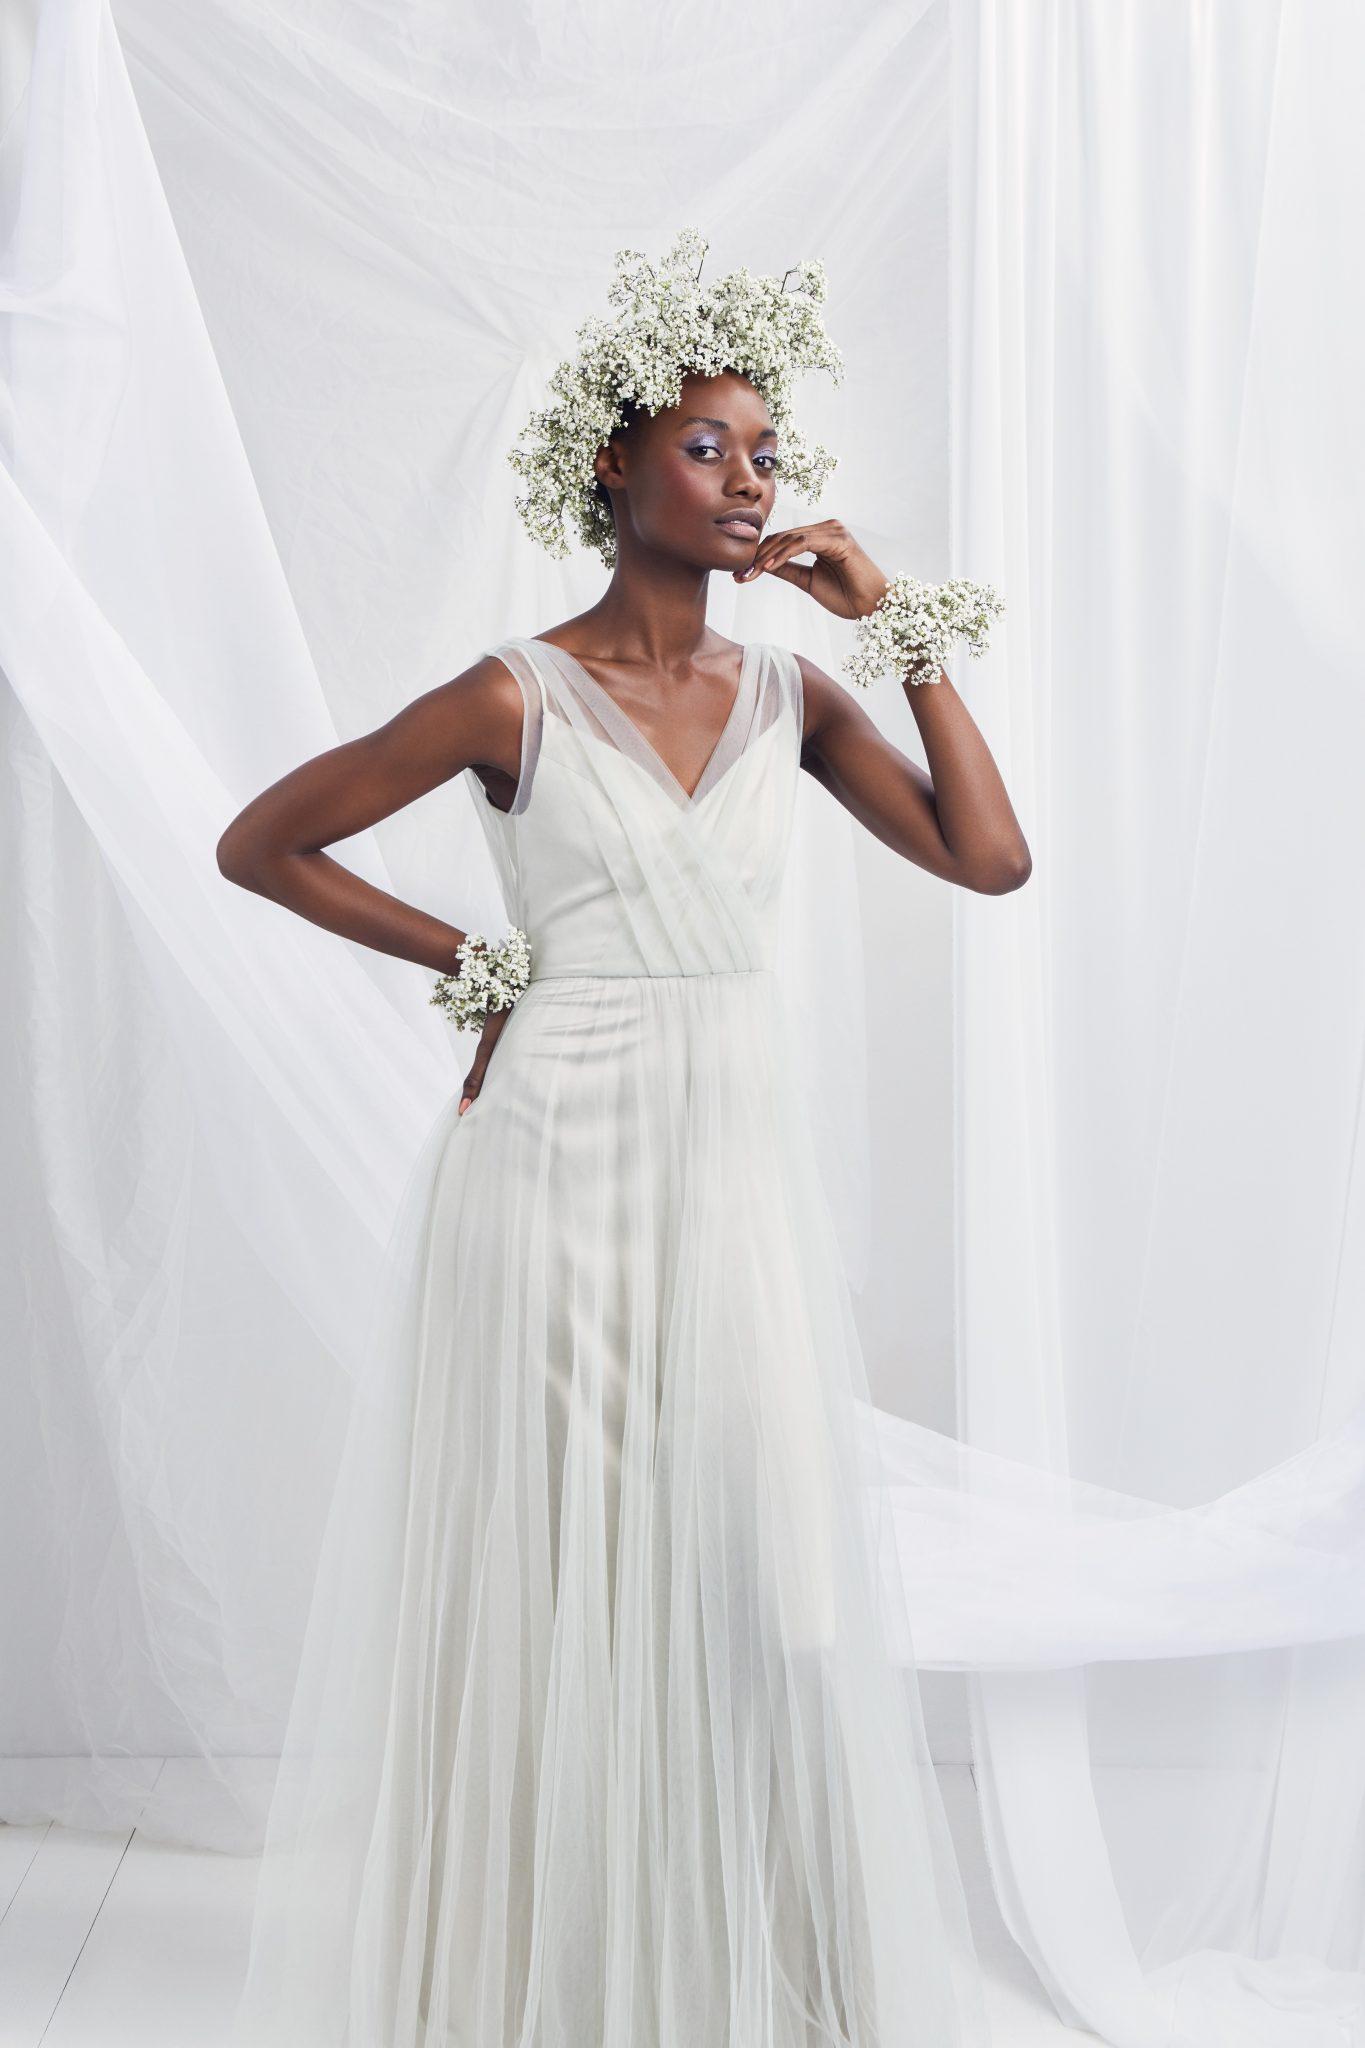 22a380f7b162 Söker du en klänning till midsommar, bröllop, sommarfest? - Daisy Beauty